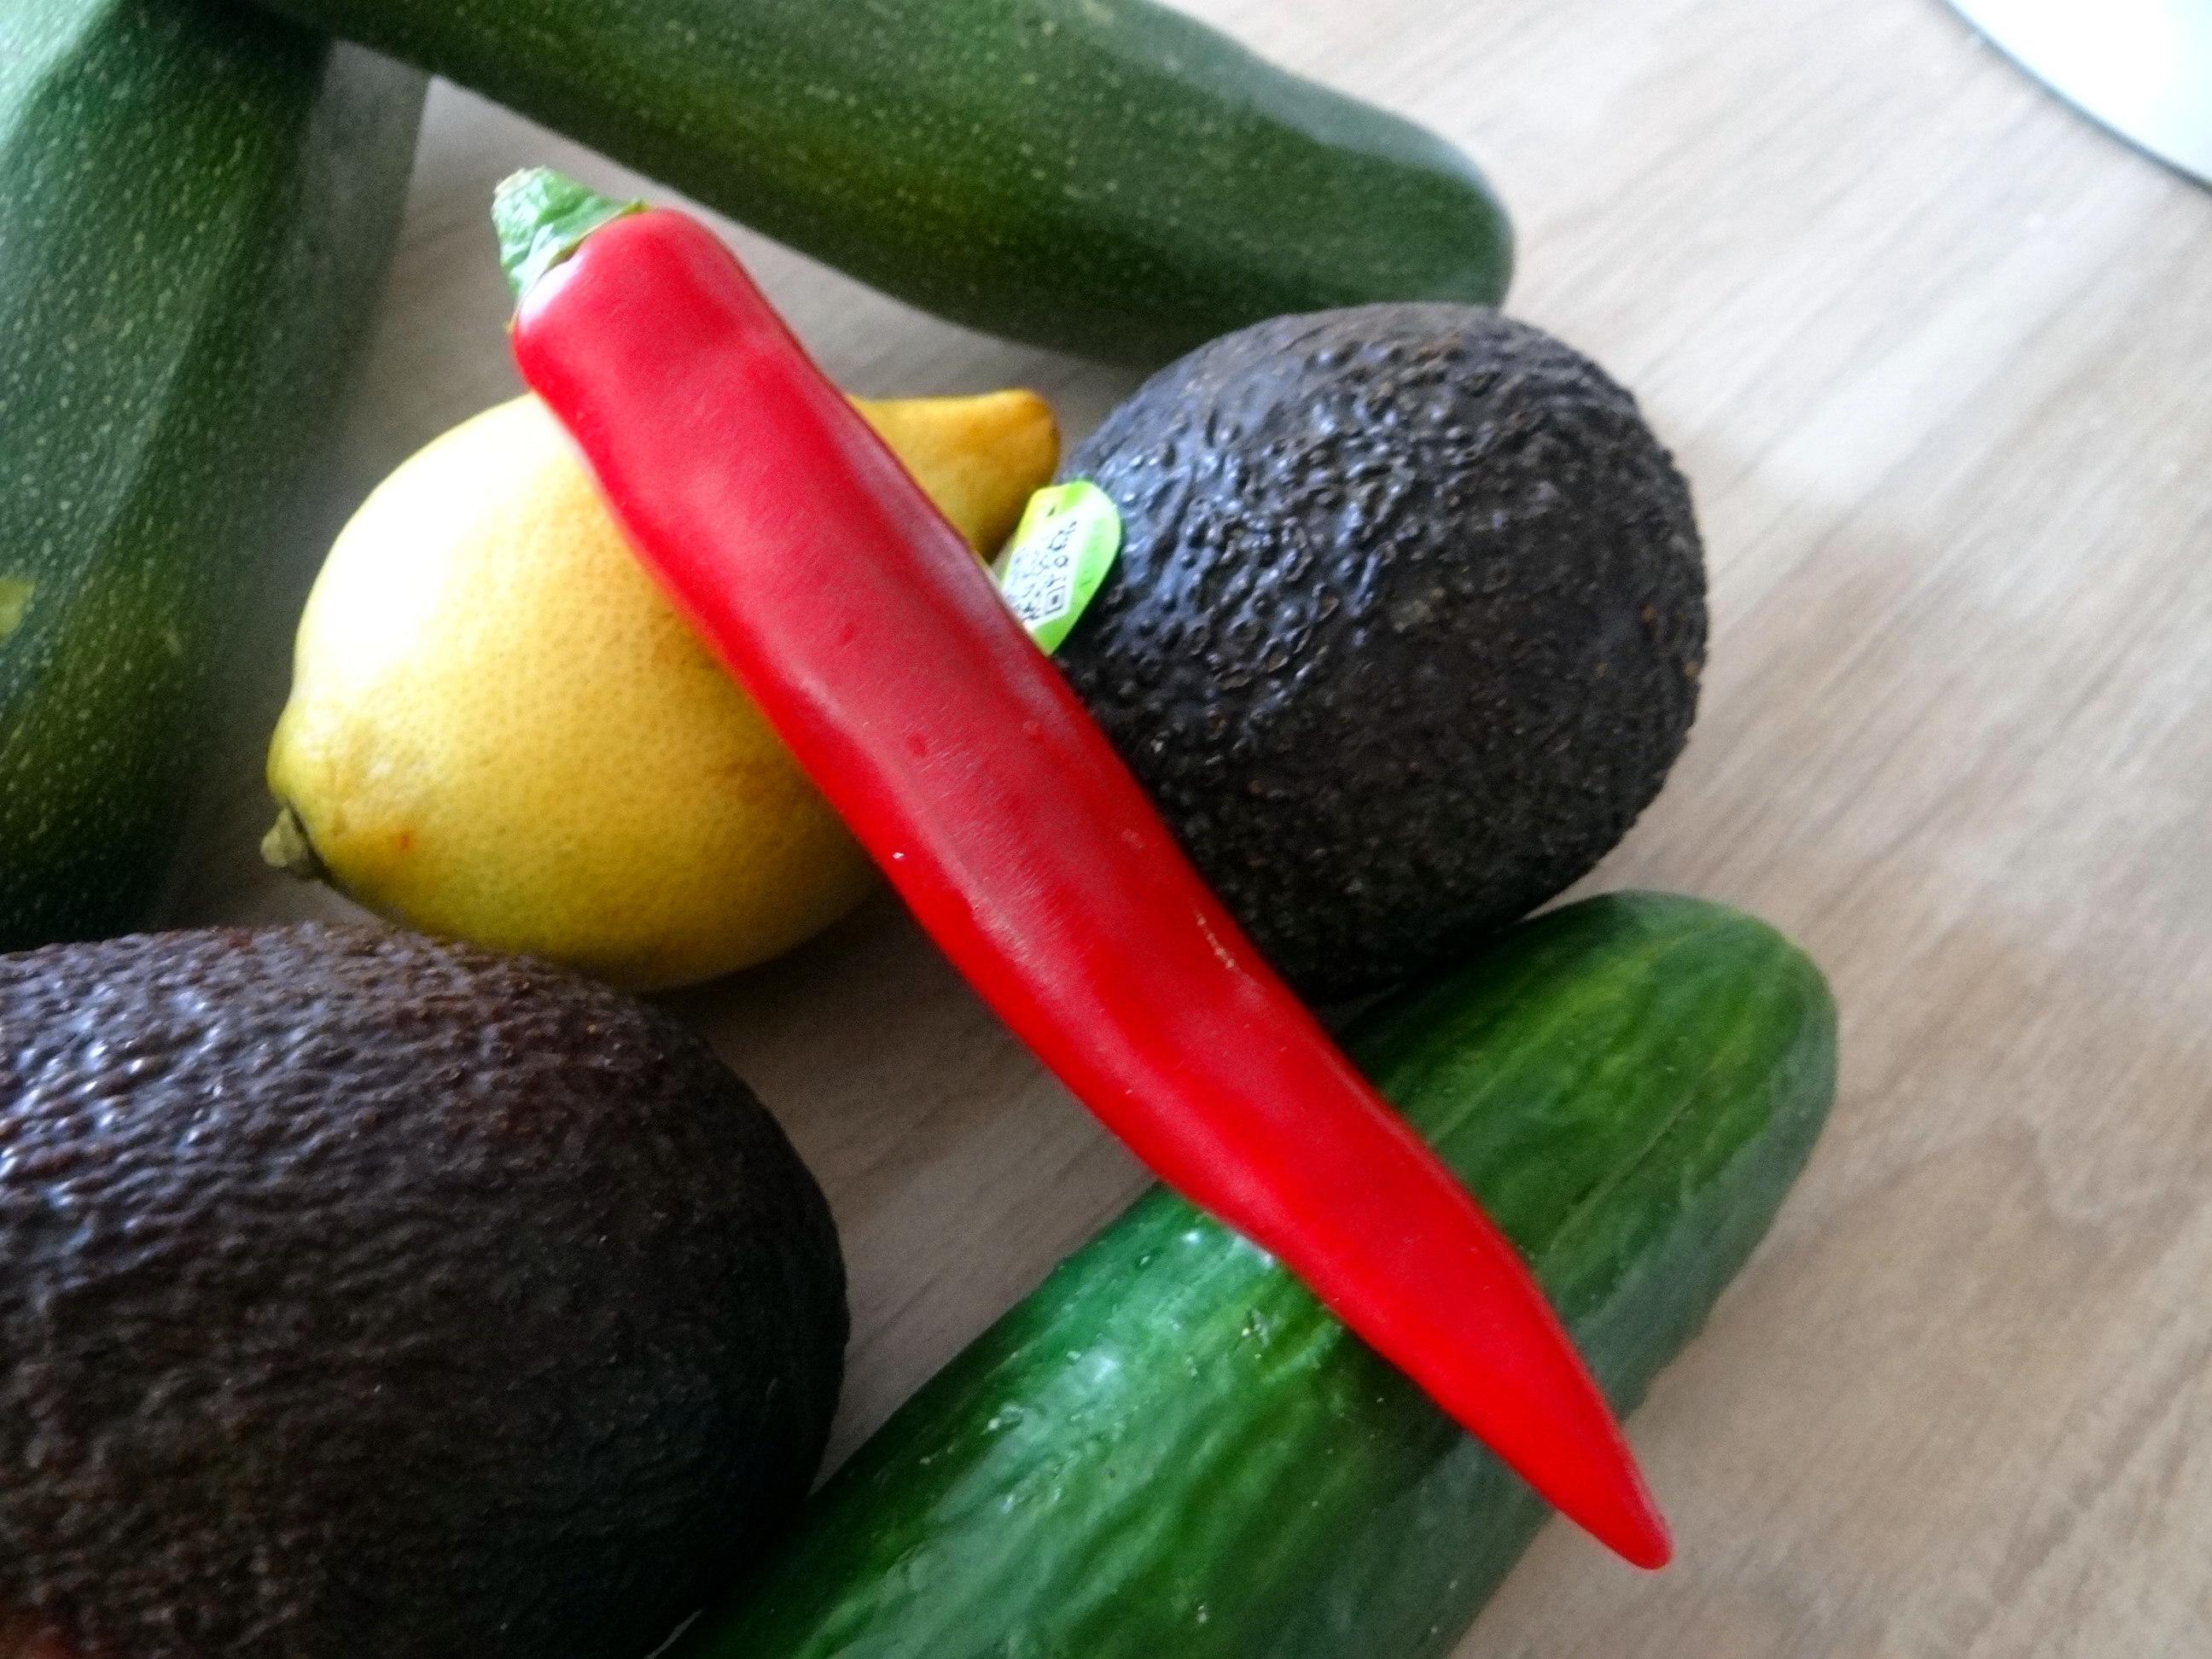 Lauwarmer Zucchinisalt,gedämpfte Möhren,Gurkensalat,Guacamole (6)